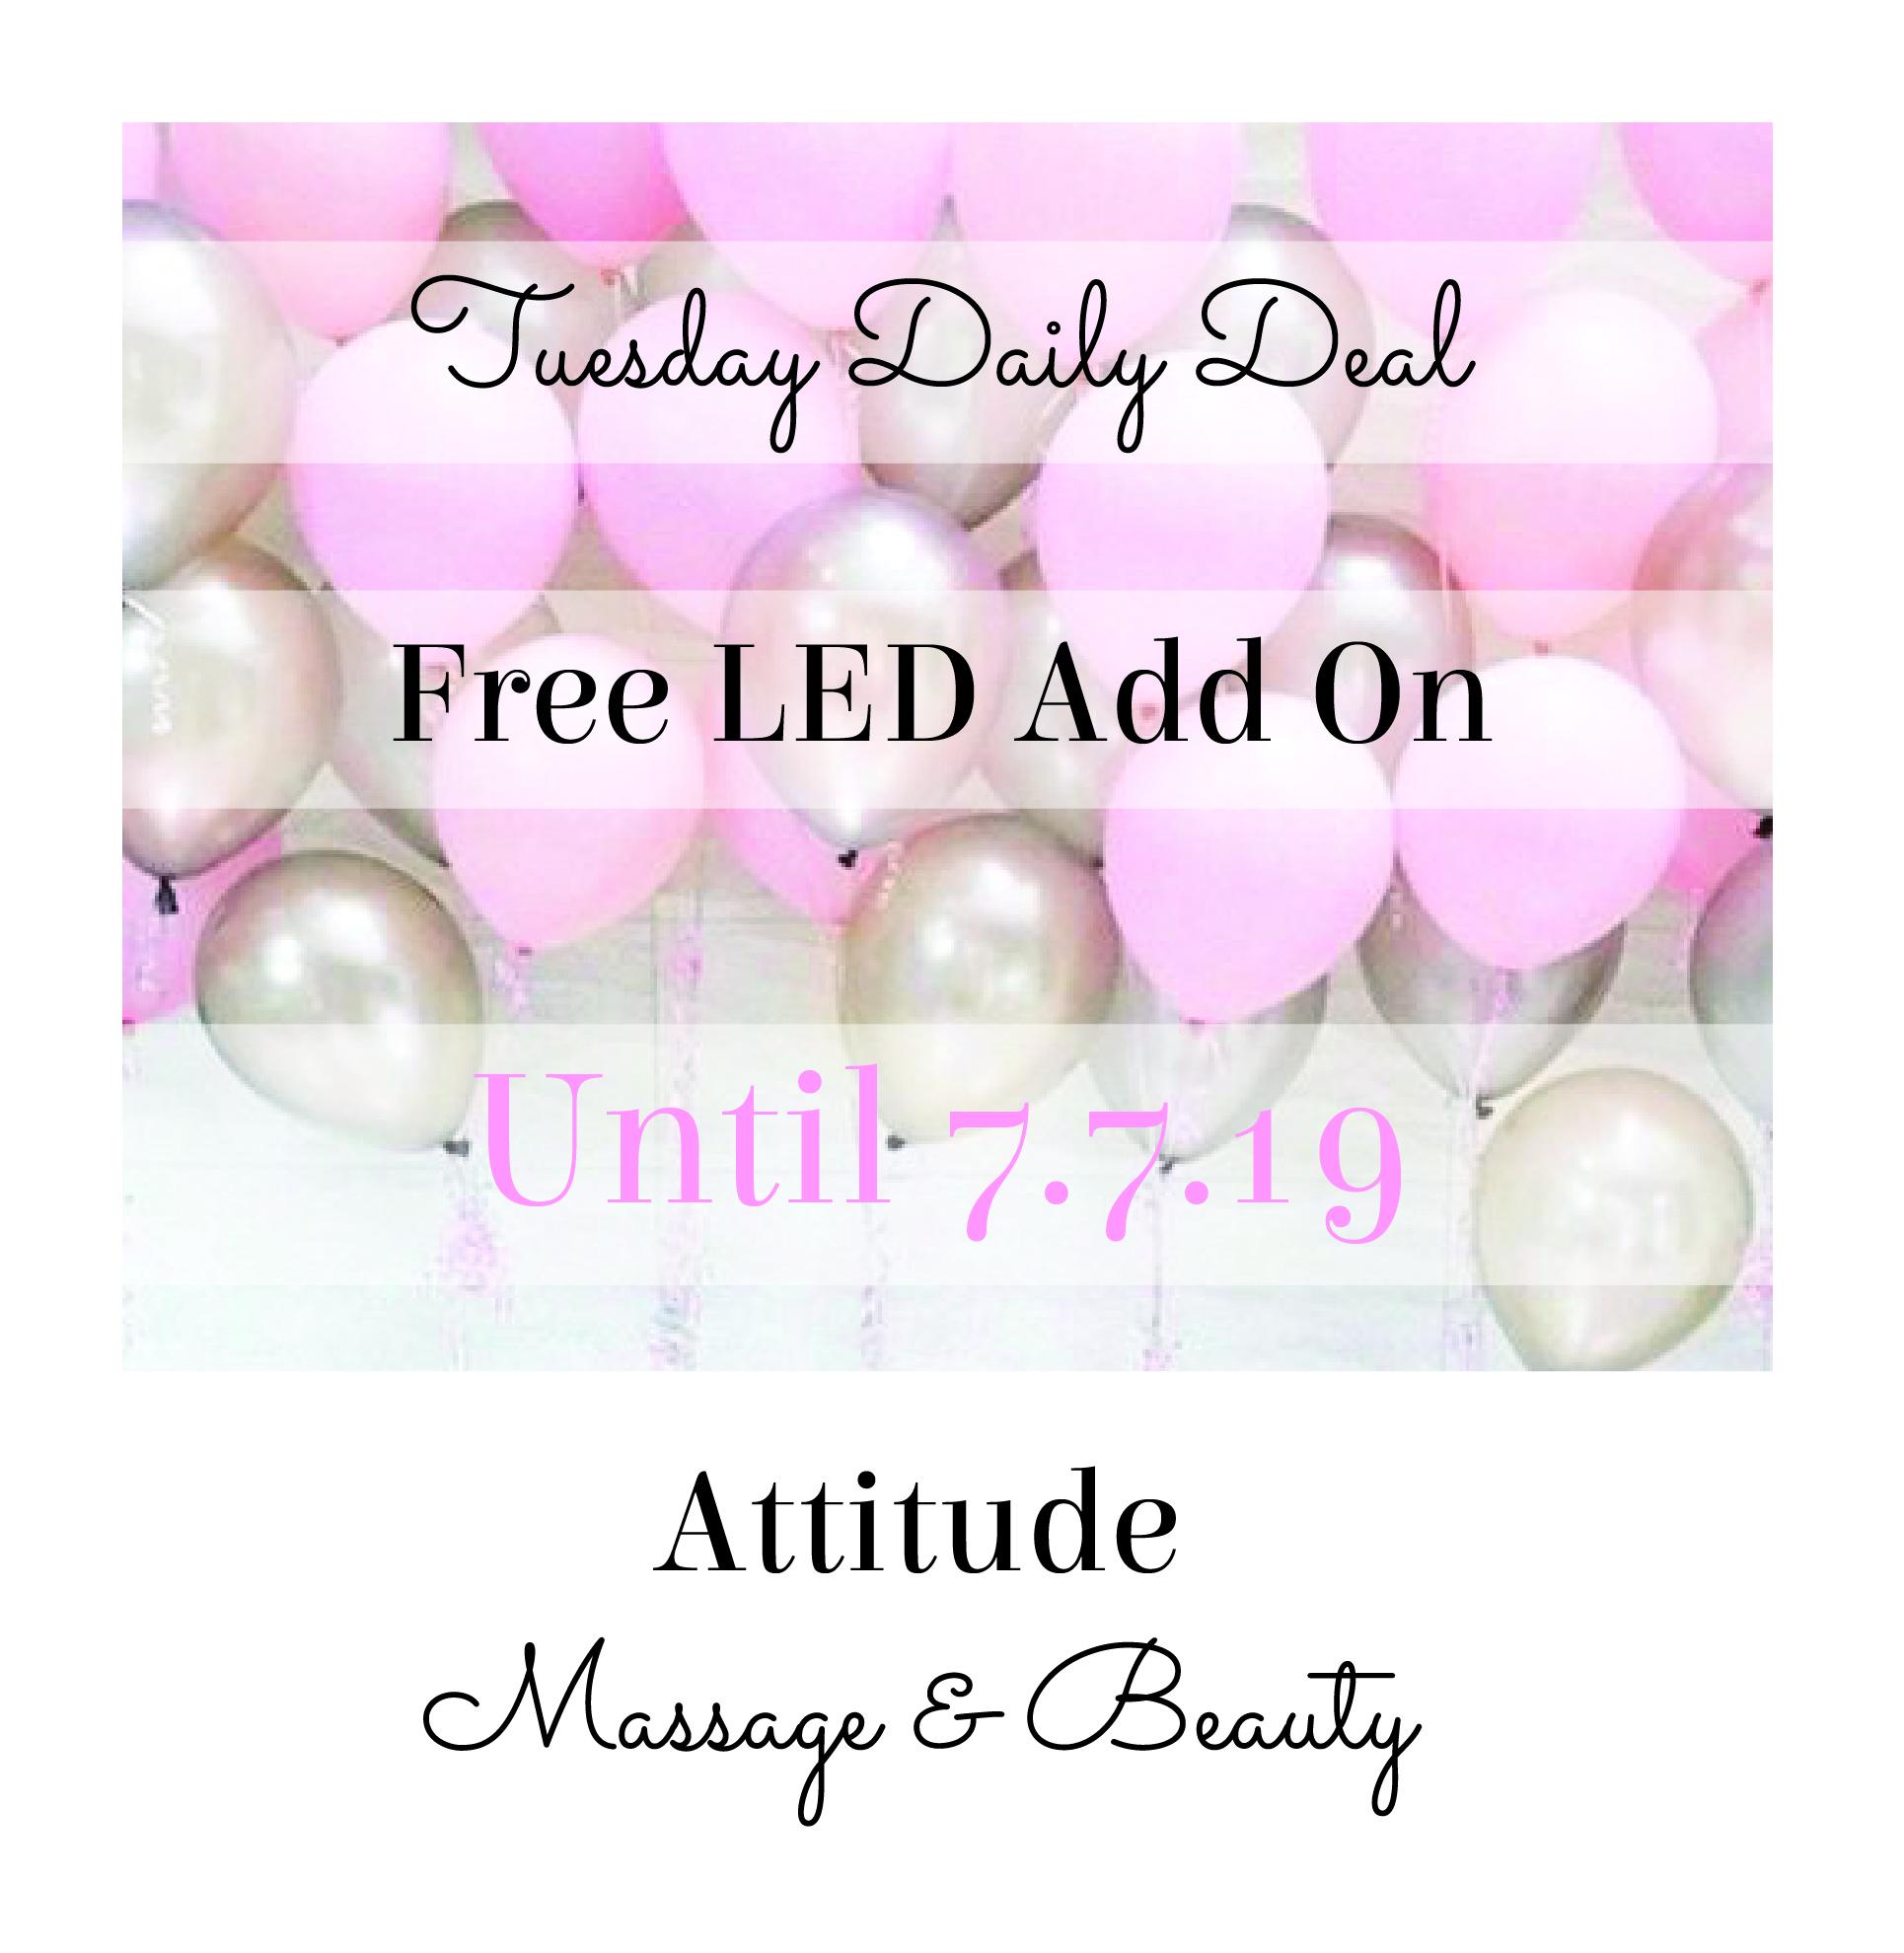 Tuesday Daily deal.jpg